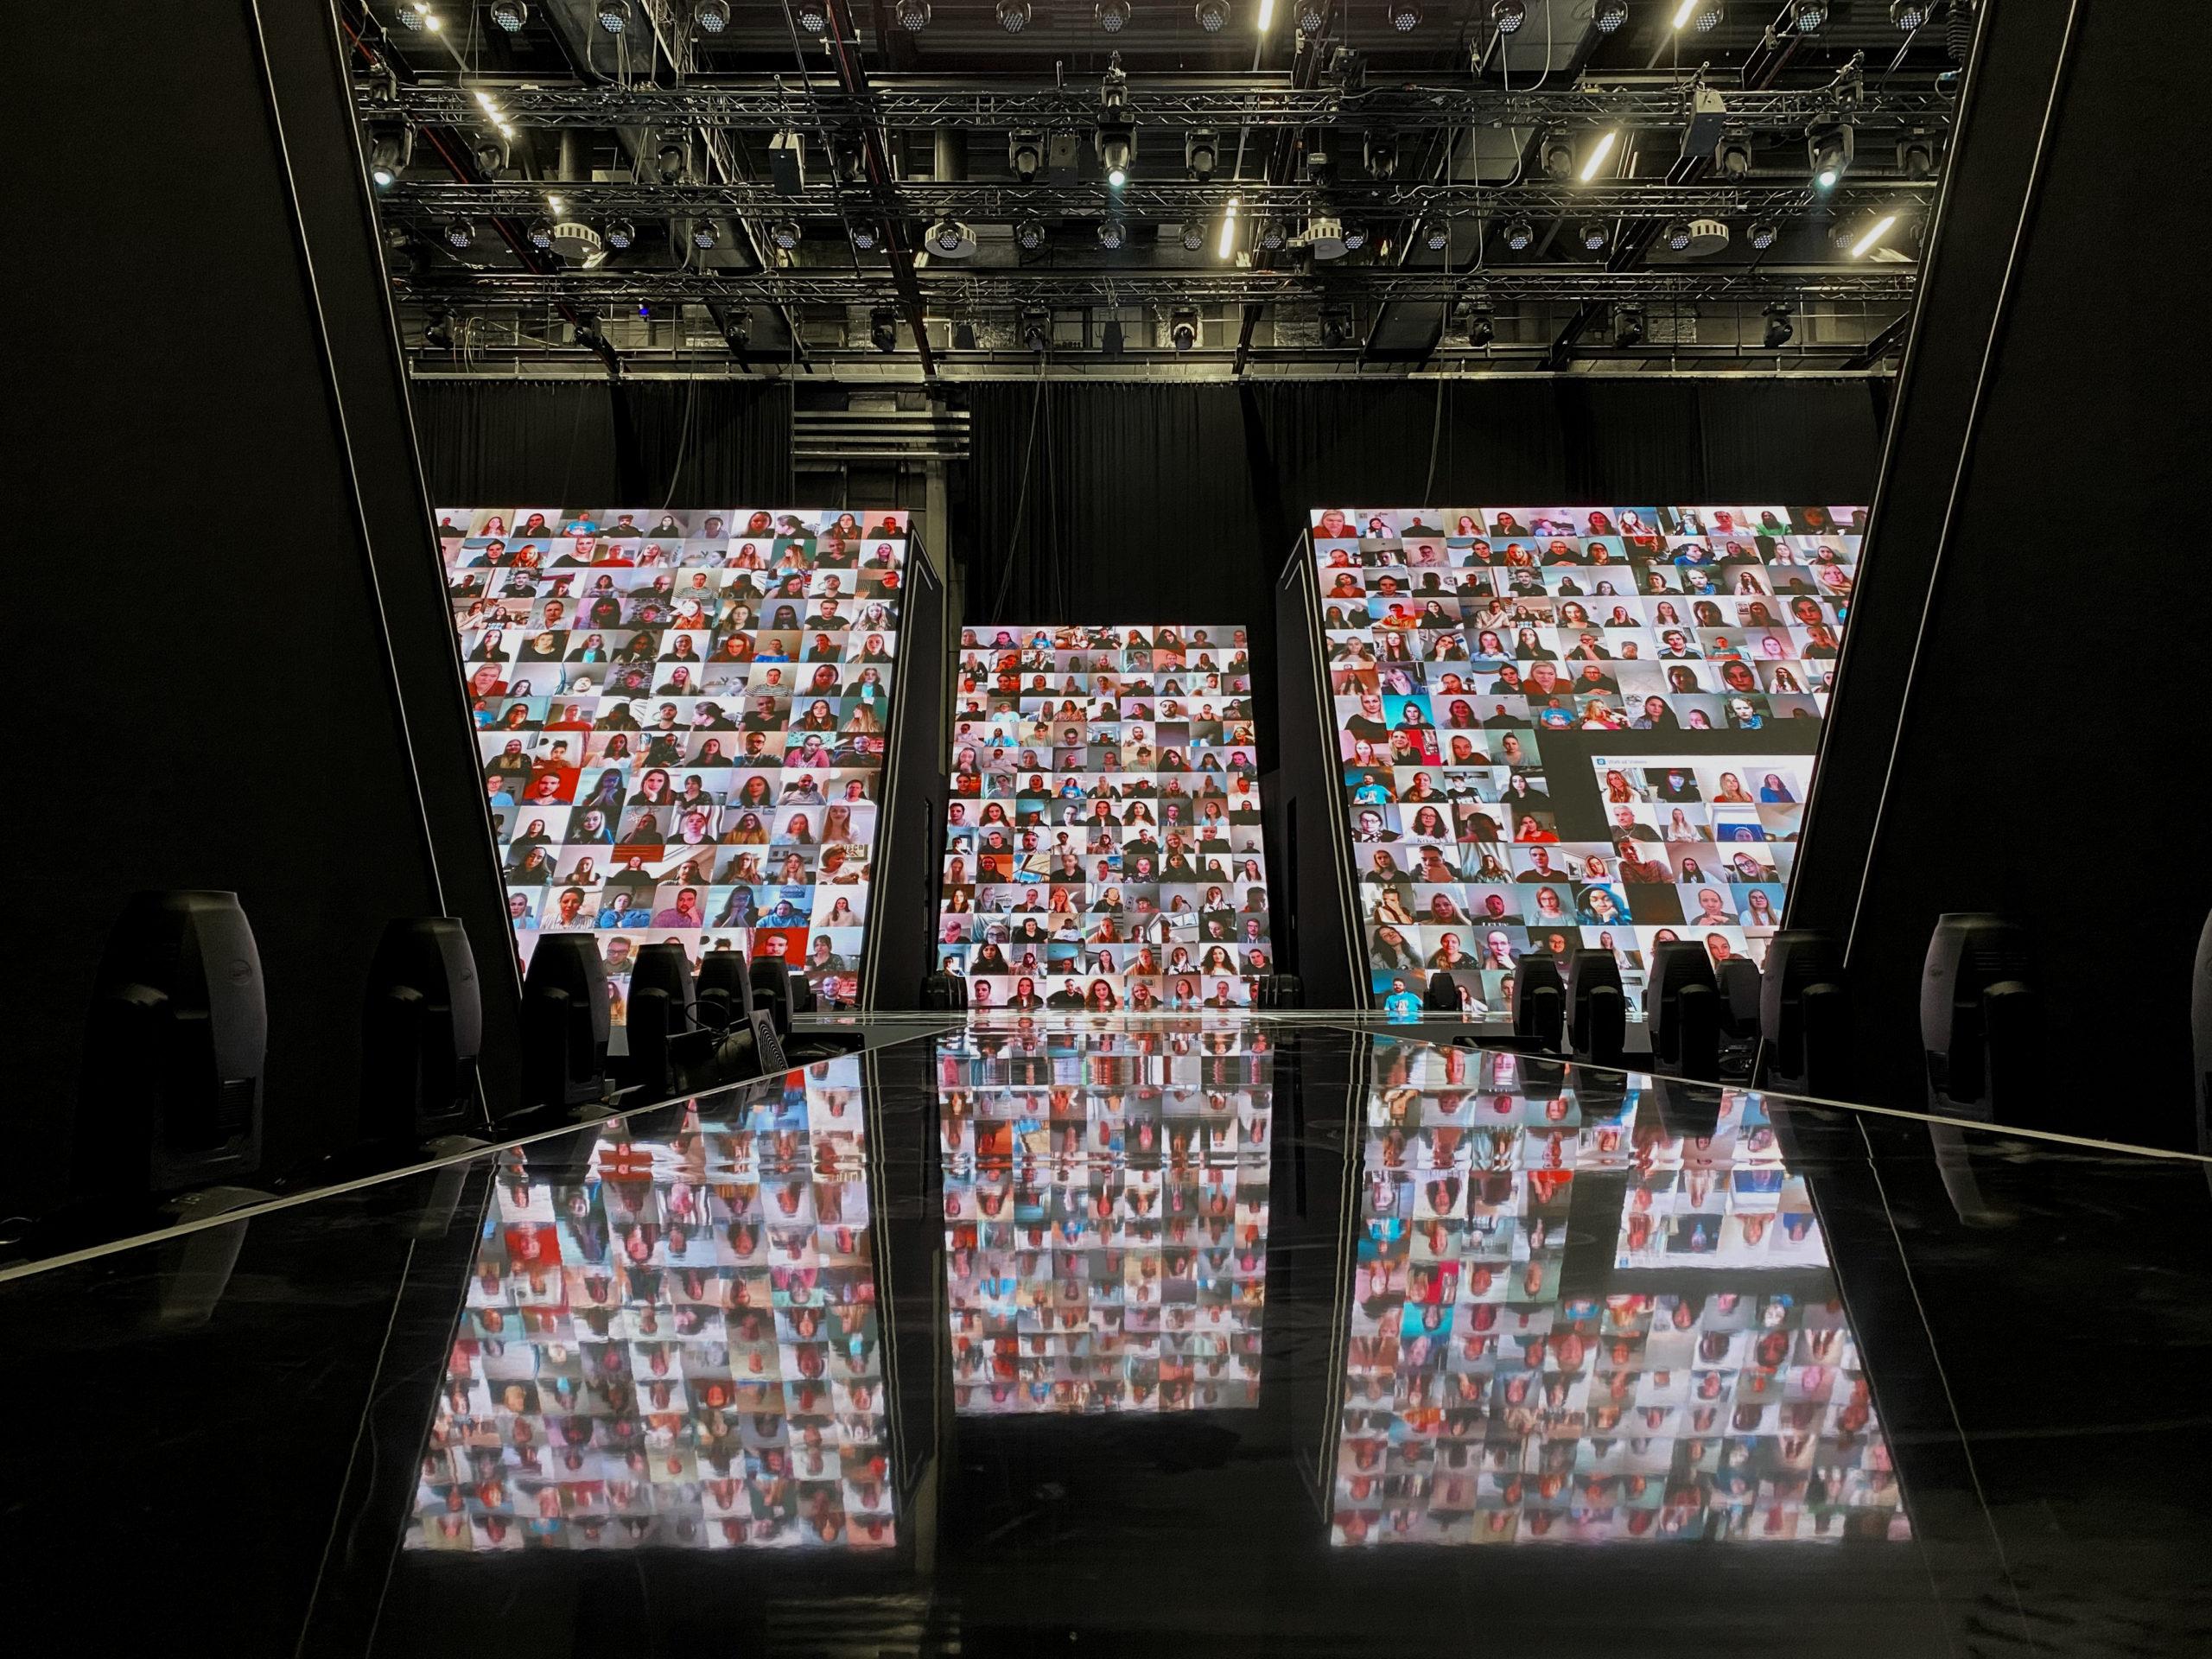 Virtuelle Zuschauer (Foto: ICT AG/alfaview GmbH)